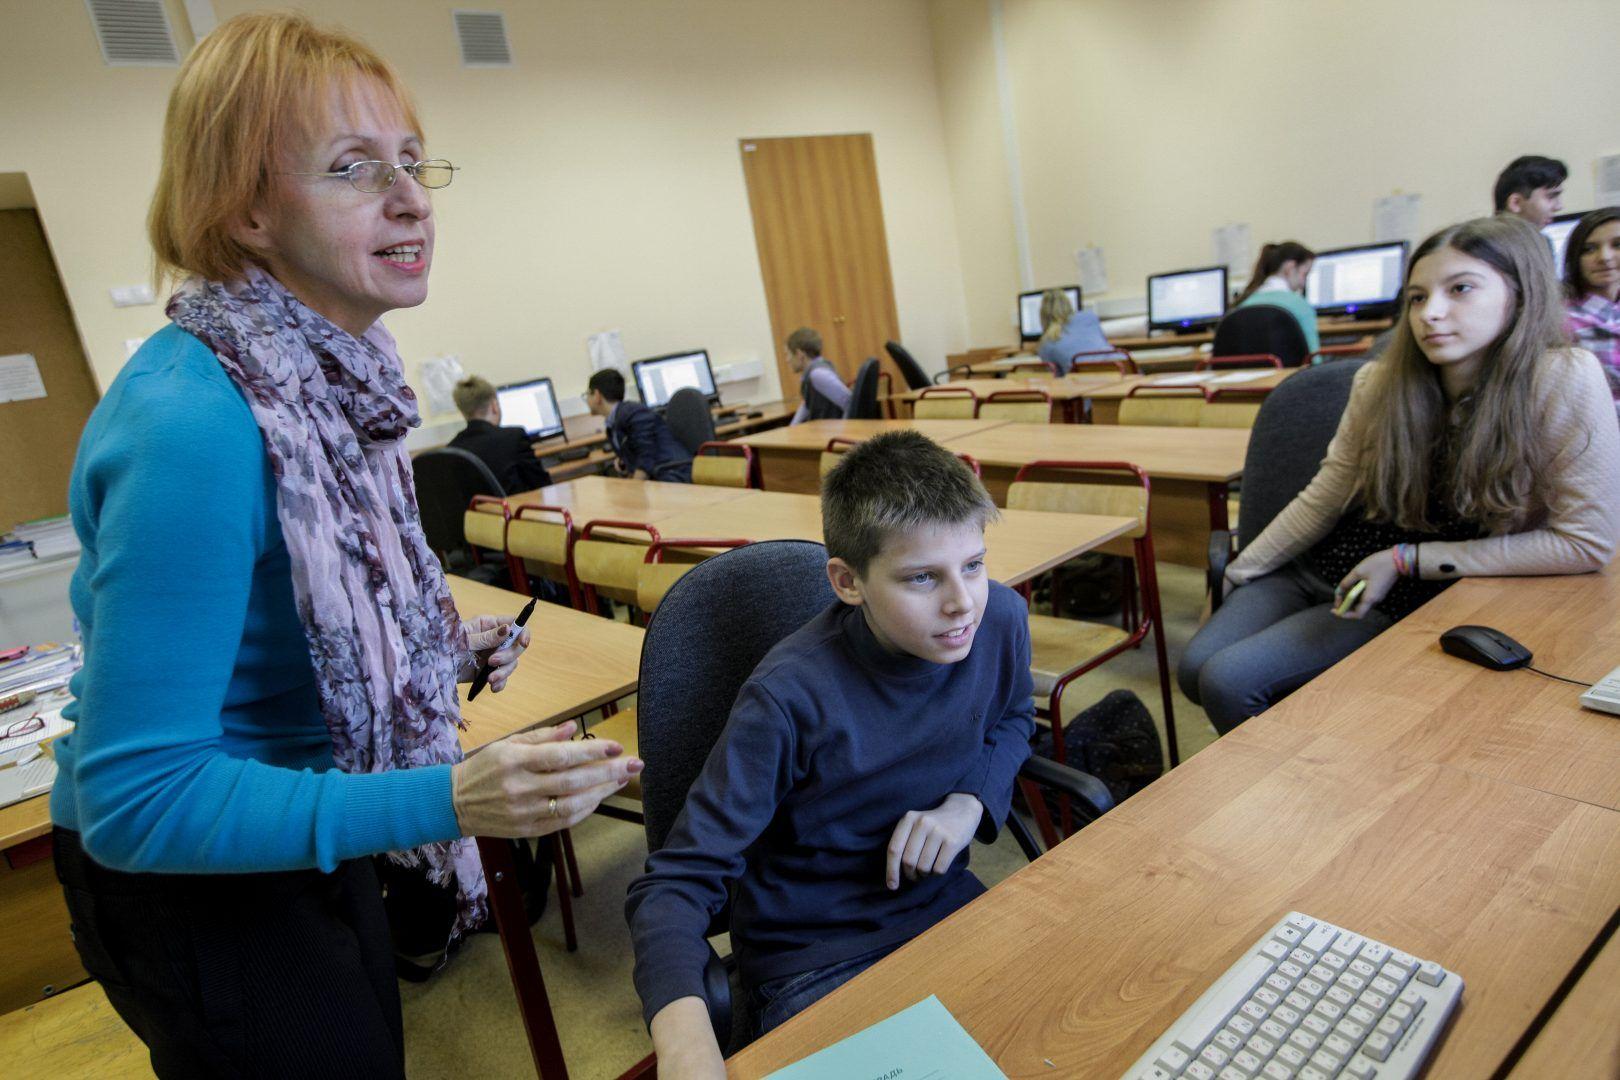 У ребенка в школе должен быть человек, кому он доверяет. Фото: Дмитрий Рухлецкий, «Вечерняя Москва»